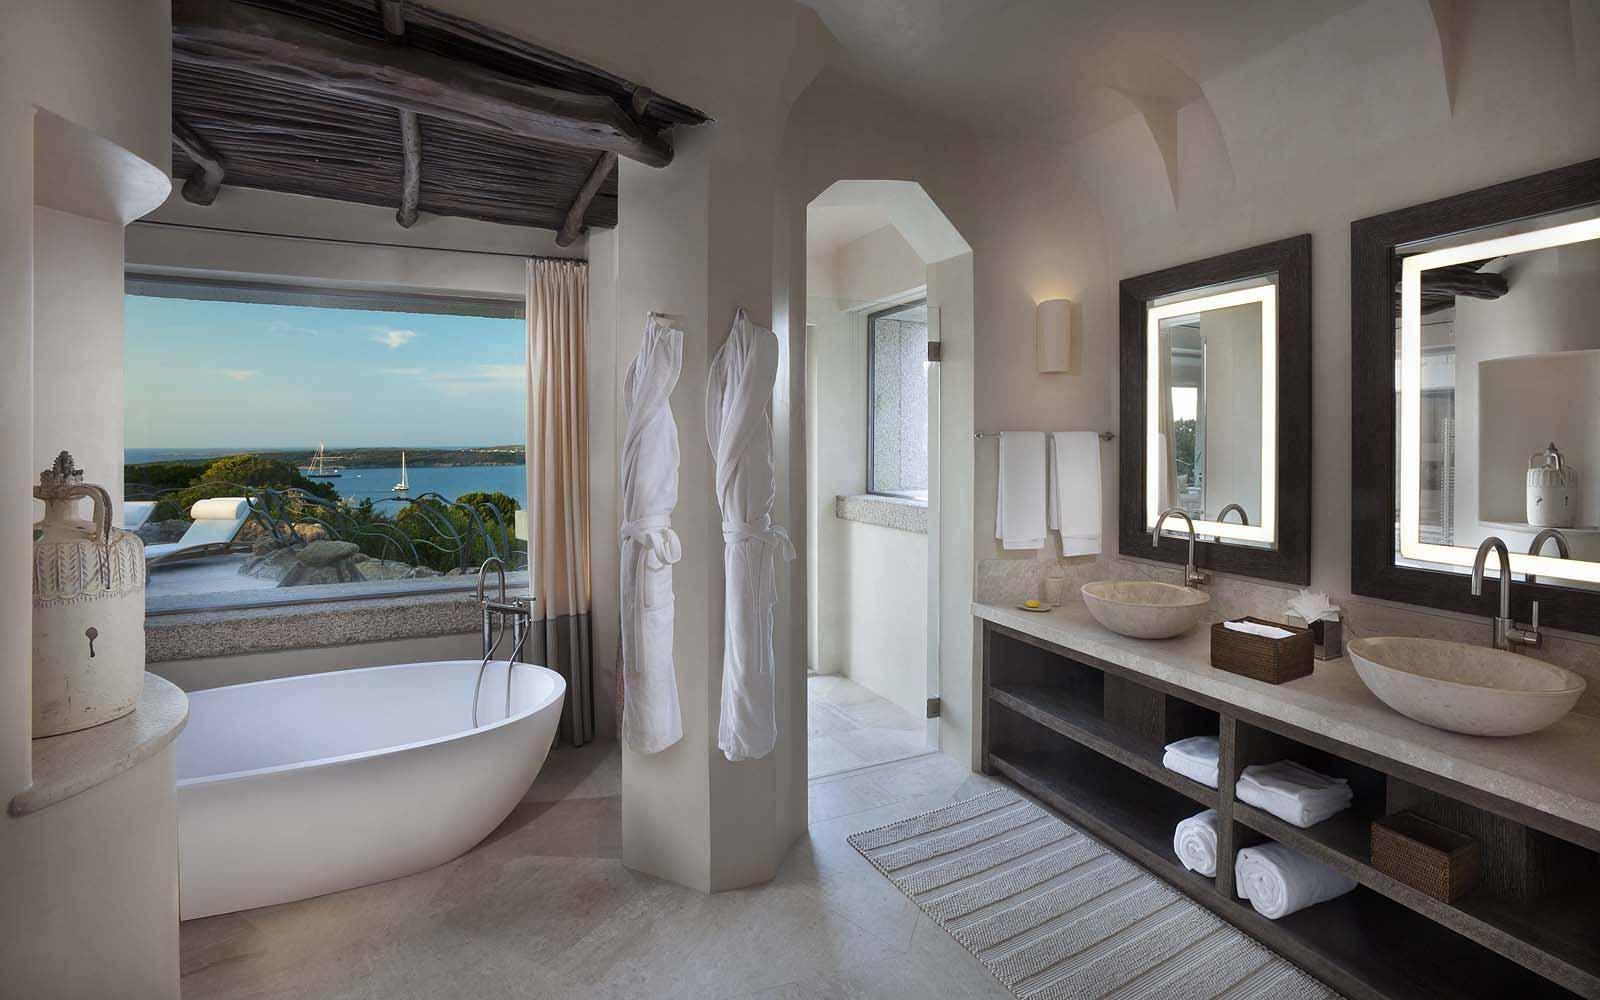 The bathroom of Unique Suite Baki at the Hotel Pitrizza